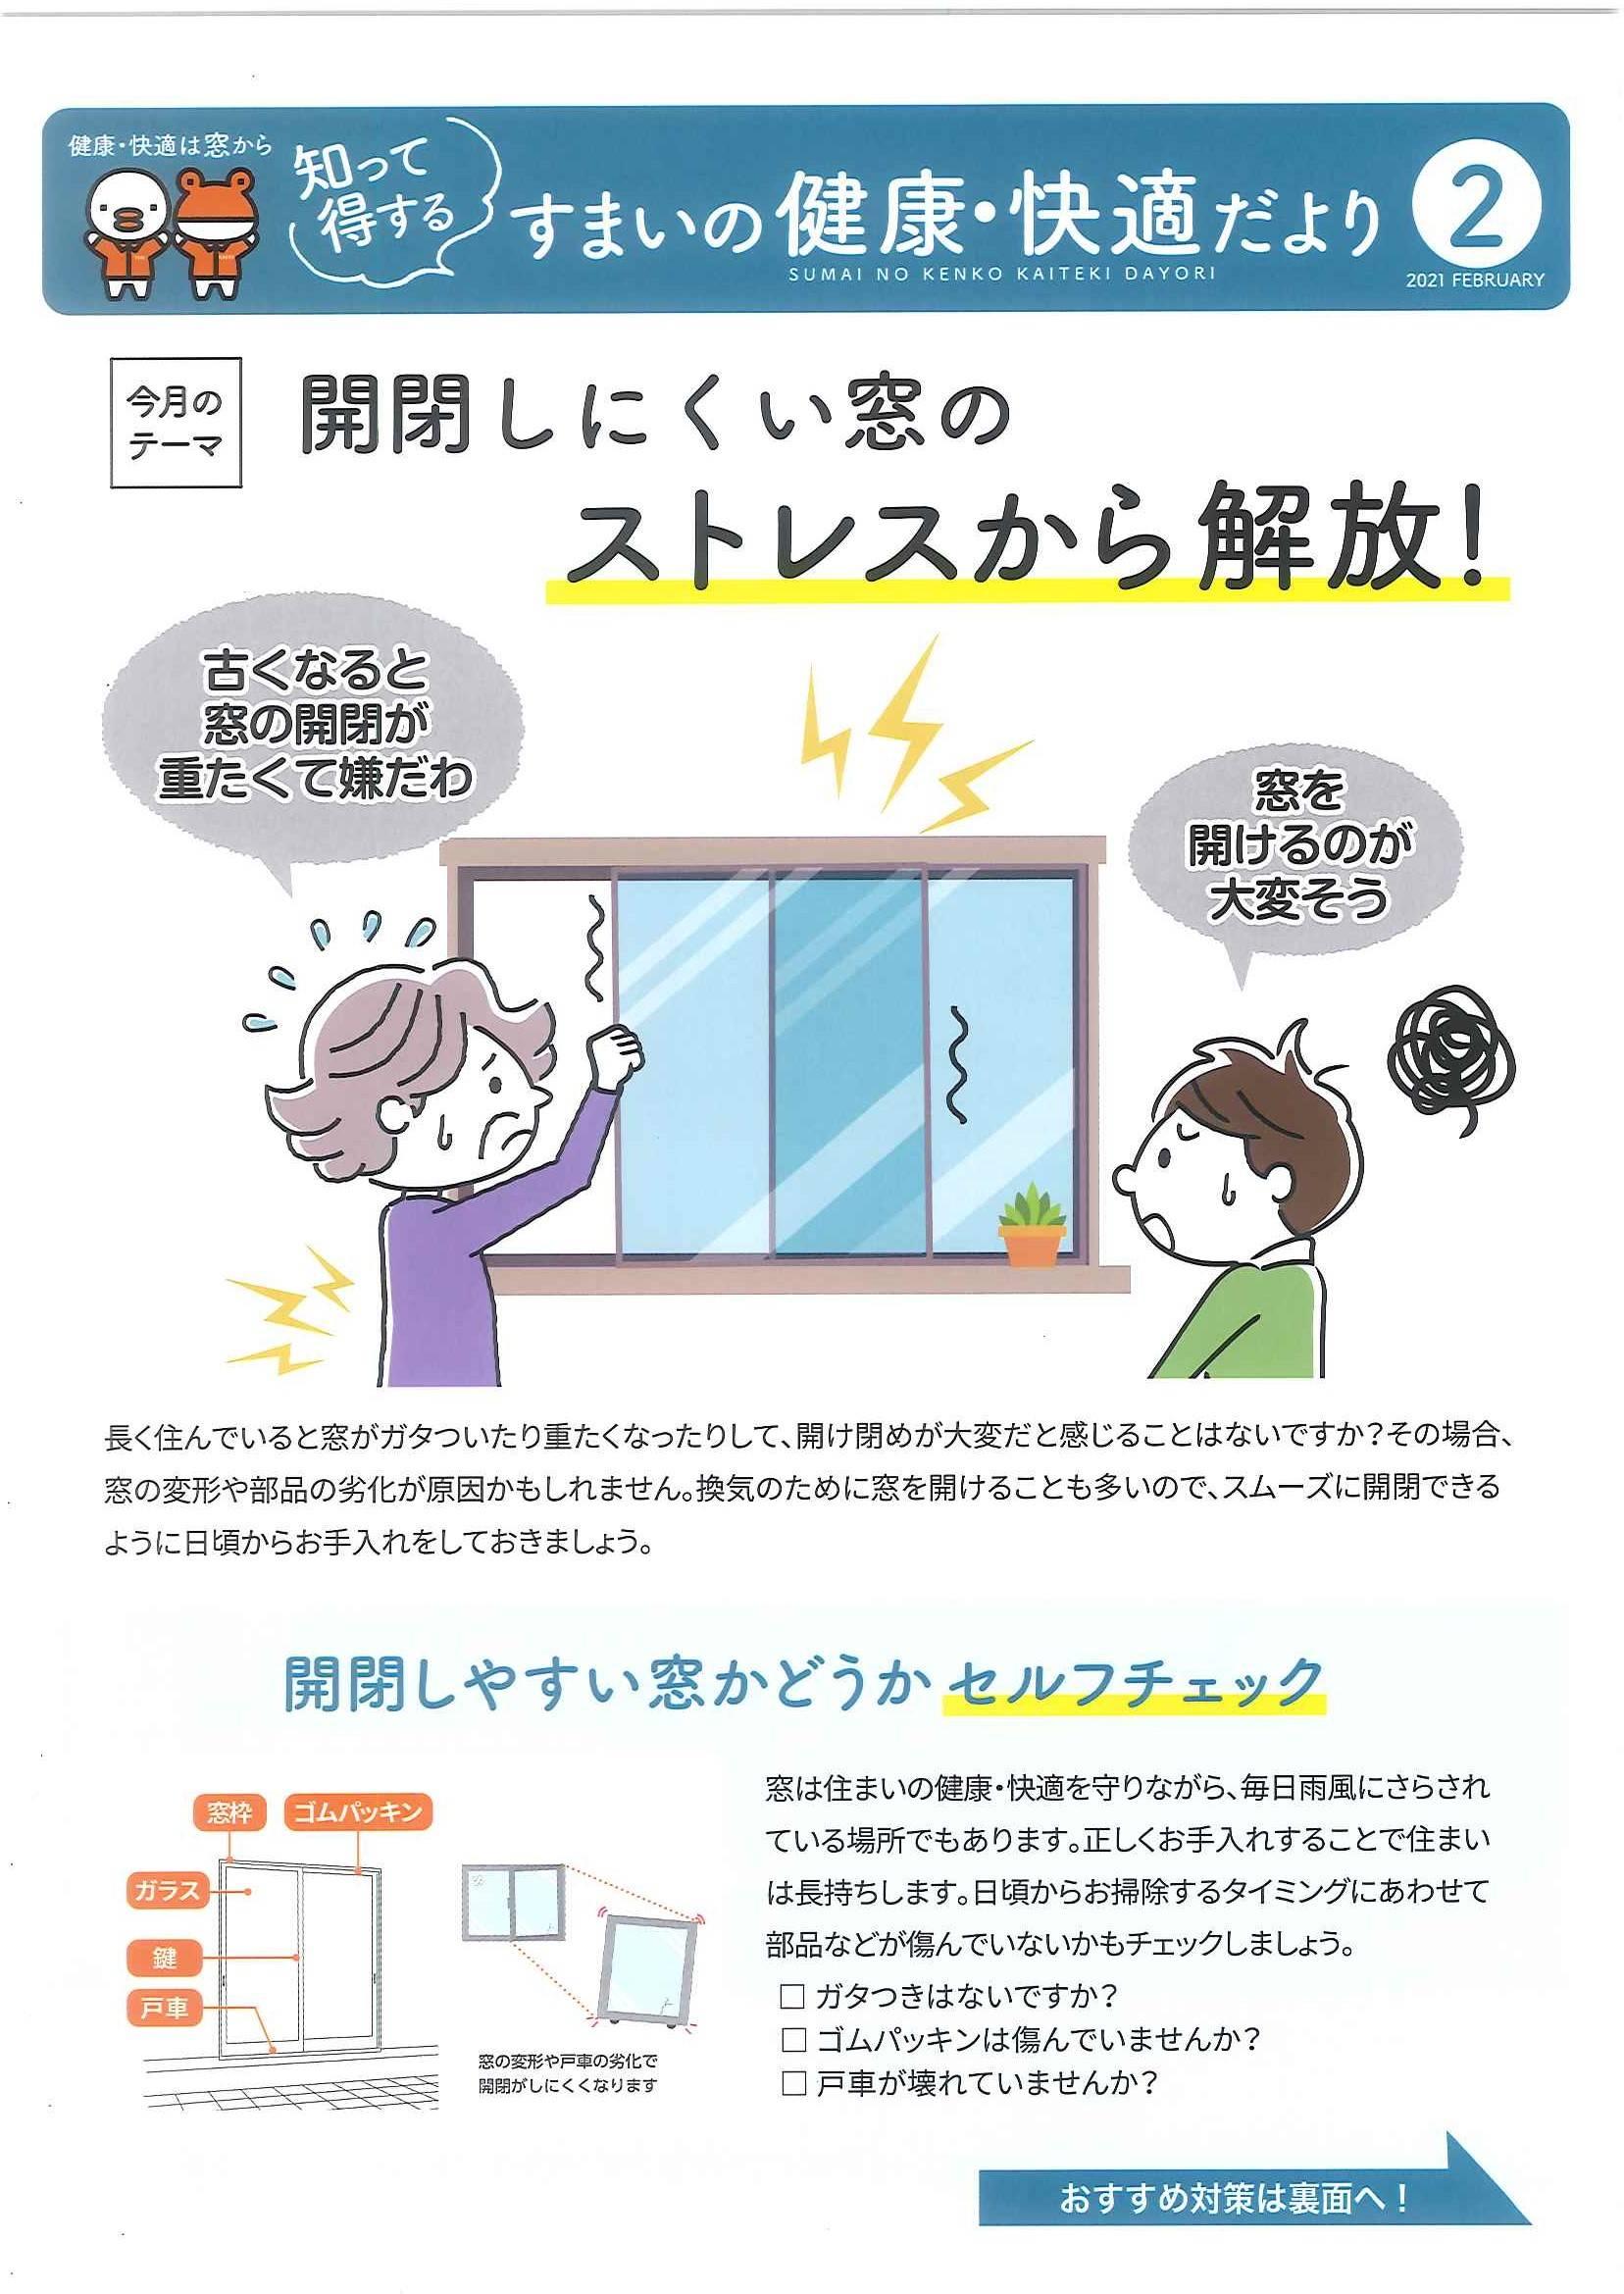 マド本舗 🐥すまいの健康・快適だより②号🐸 ヒロトーヨー住器の現場ブログ 写真1